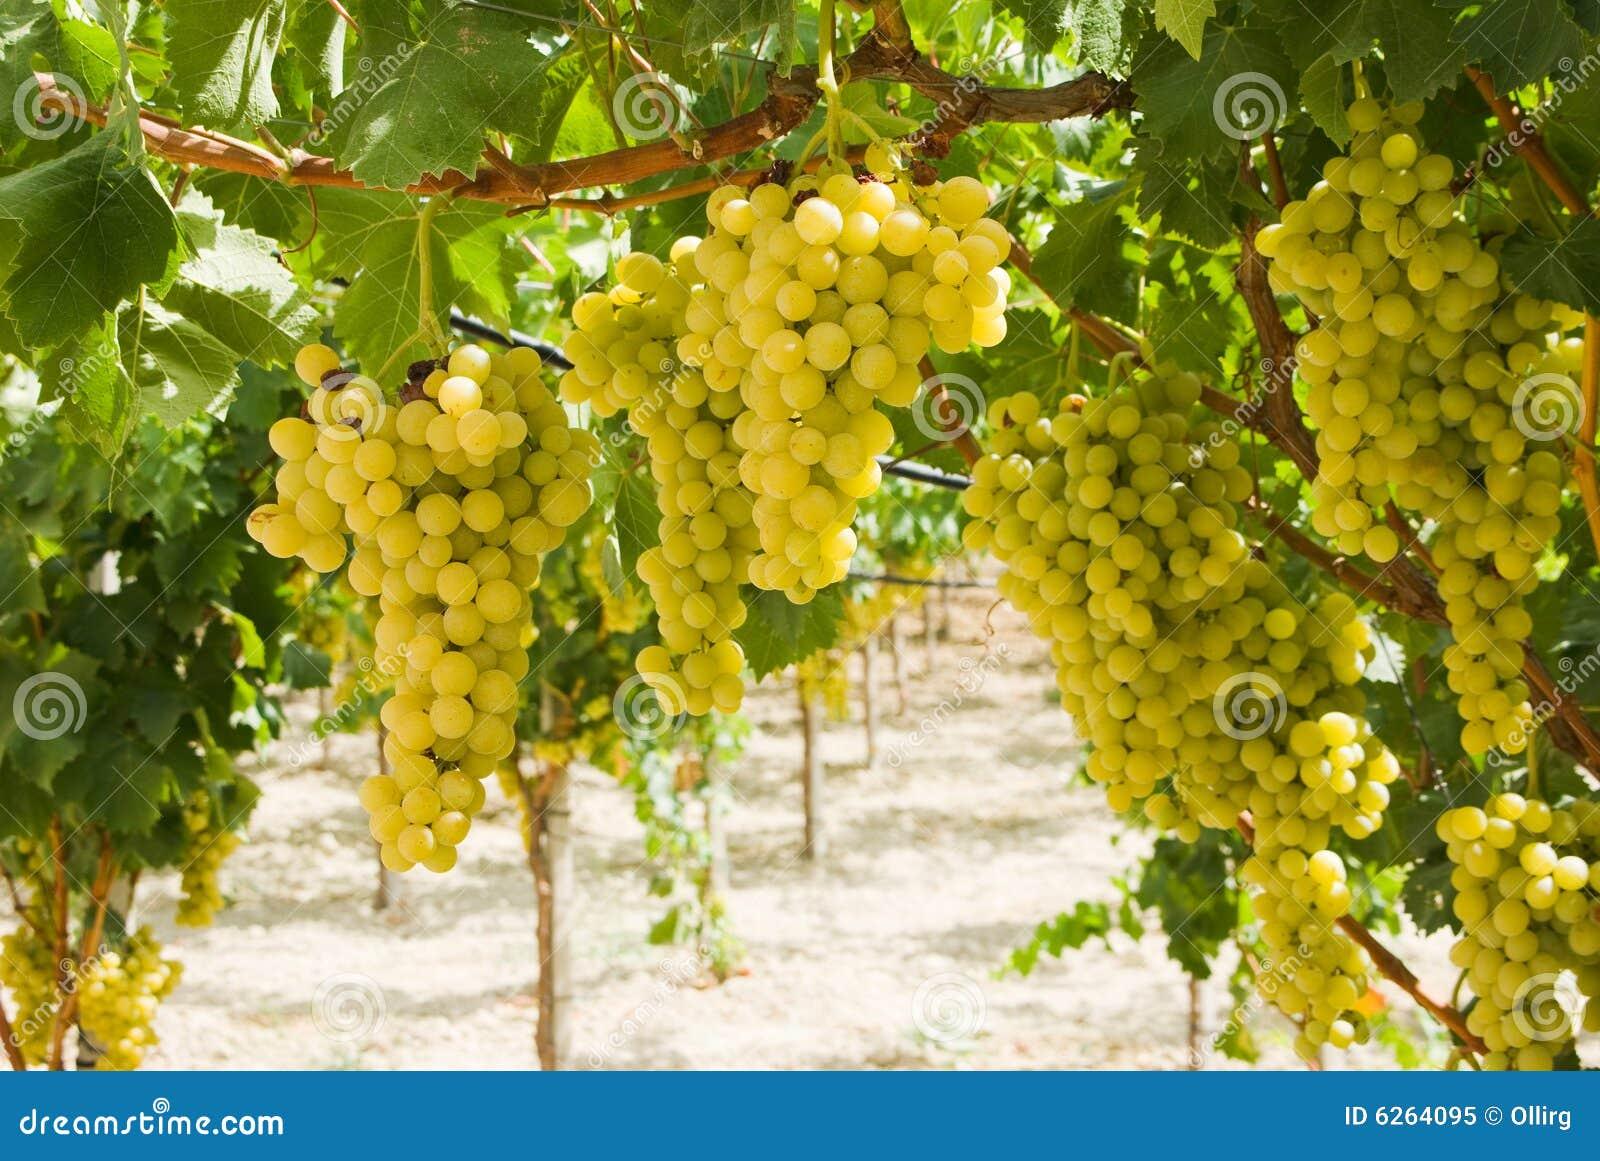 Druiven van witte wijnstok in een wijngaard stock afbeelding afbeelding 6264095 - Wijnstokken pergola ...